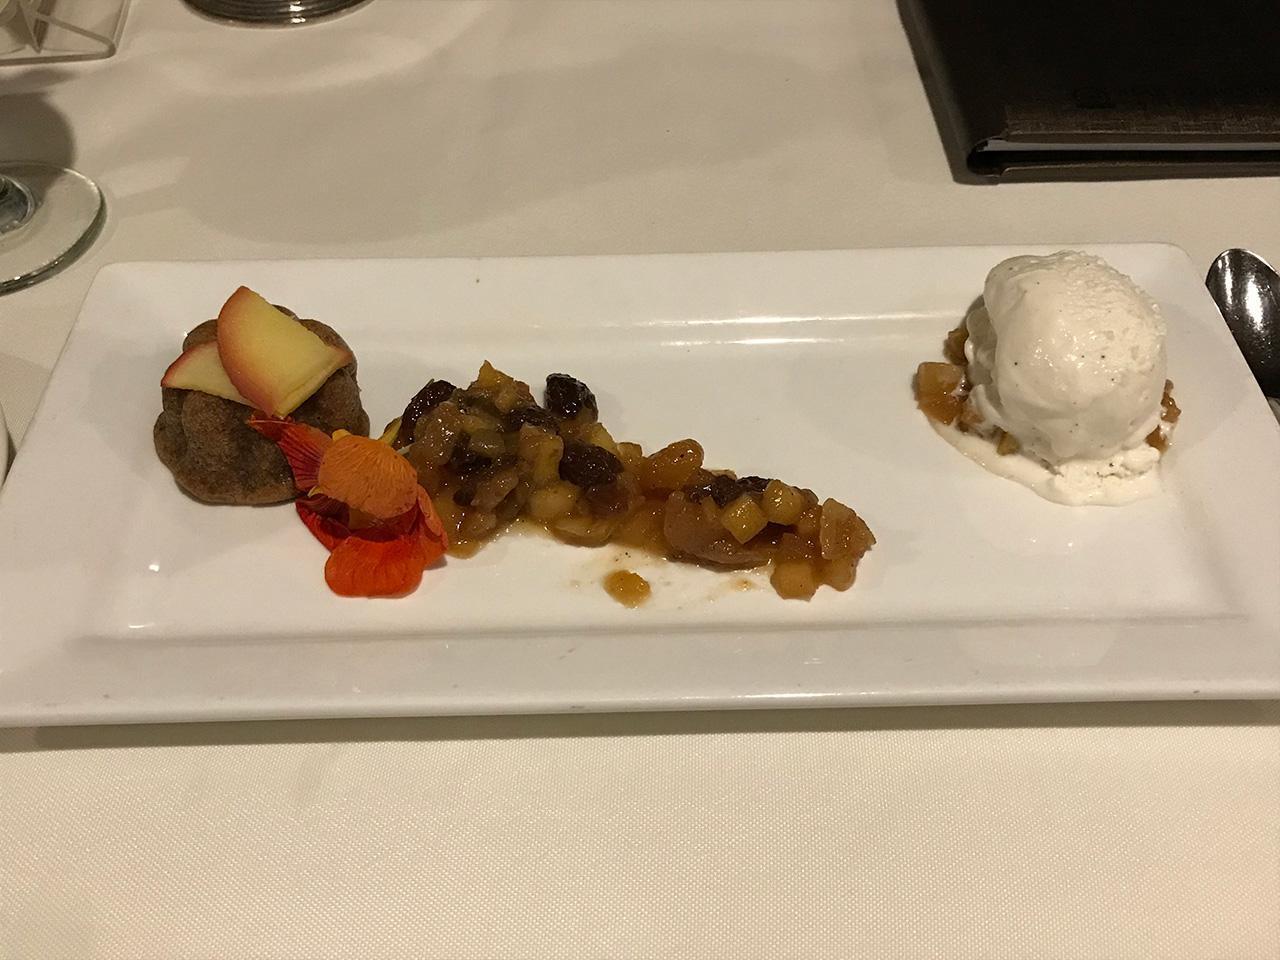 画像: スパイスアップルケーキ、タヒチアンバニラジェラート添え